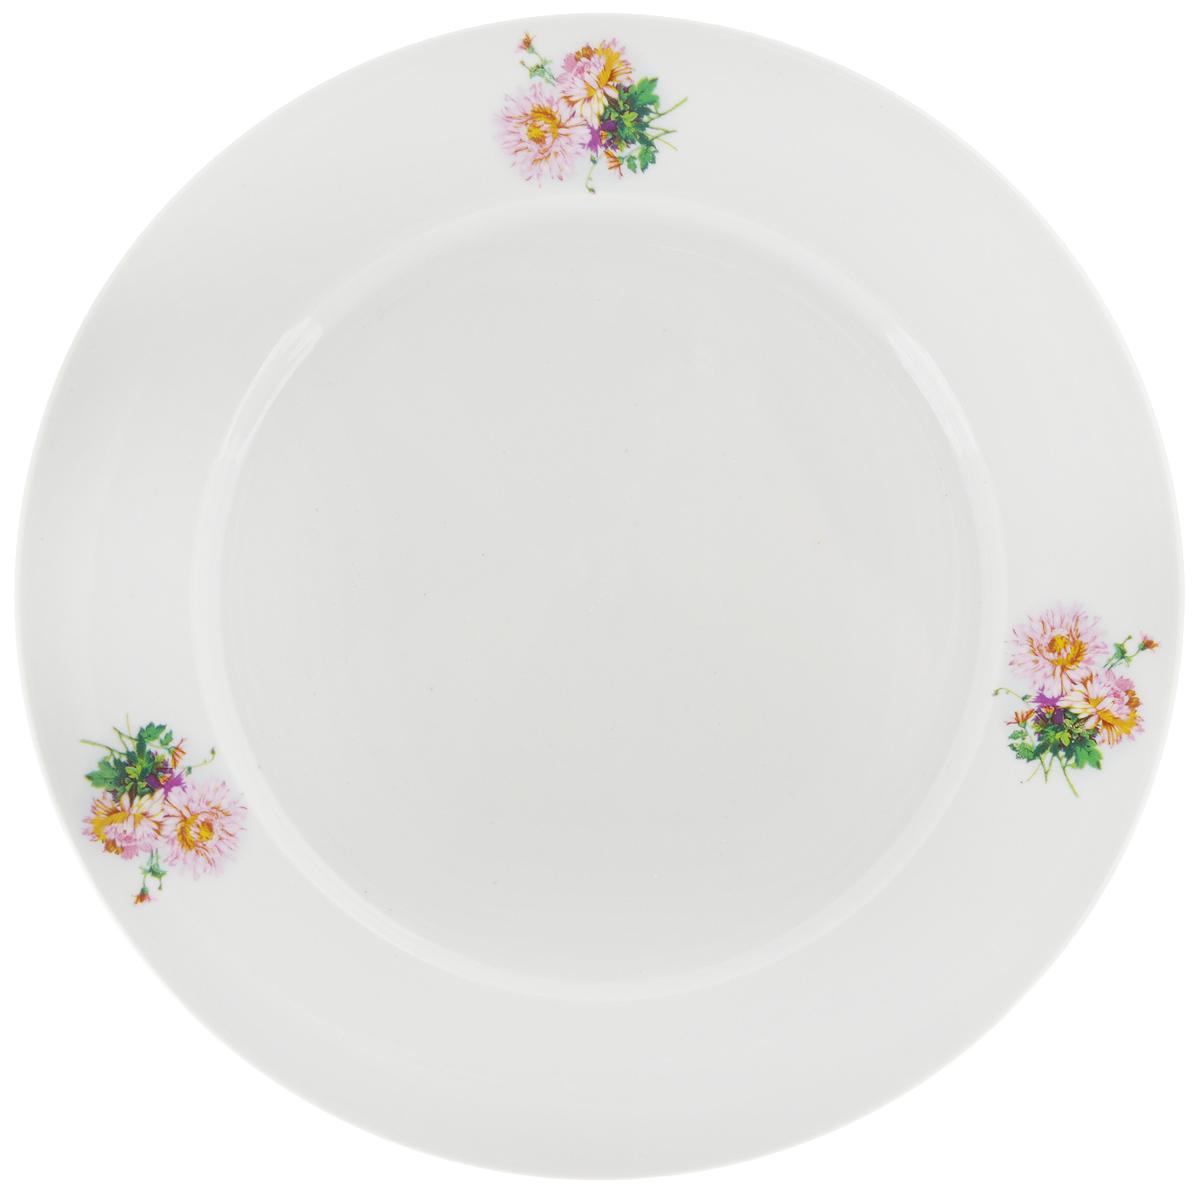 Тарелка Фарфор Вербилок Хризантема, цвет: белый, розовый, диаметр 24 см16590420Тарелка Фарфор Вербилок Хризантема, изготовленная из высококачественного фарфора, имеет классическую круглую форму. Оригинальный дизайн придется по вкусу и ценителям классики, и тем, кто предпочитает утонченность. Тарелка Фарфор Вербилок идеально подойдет для сервировки стола и станет отличным подарком к любому празднику.